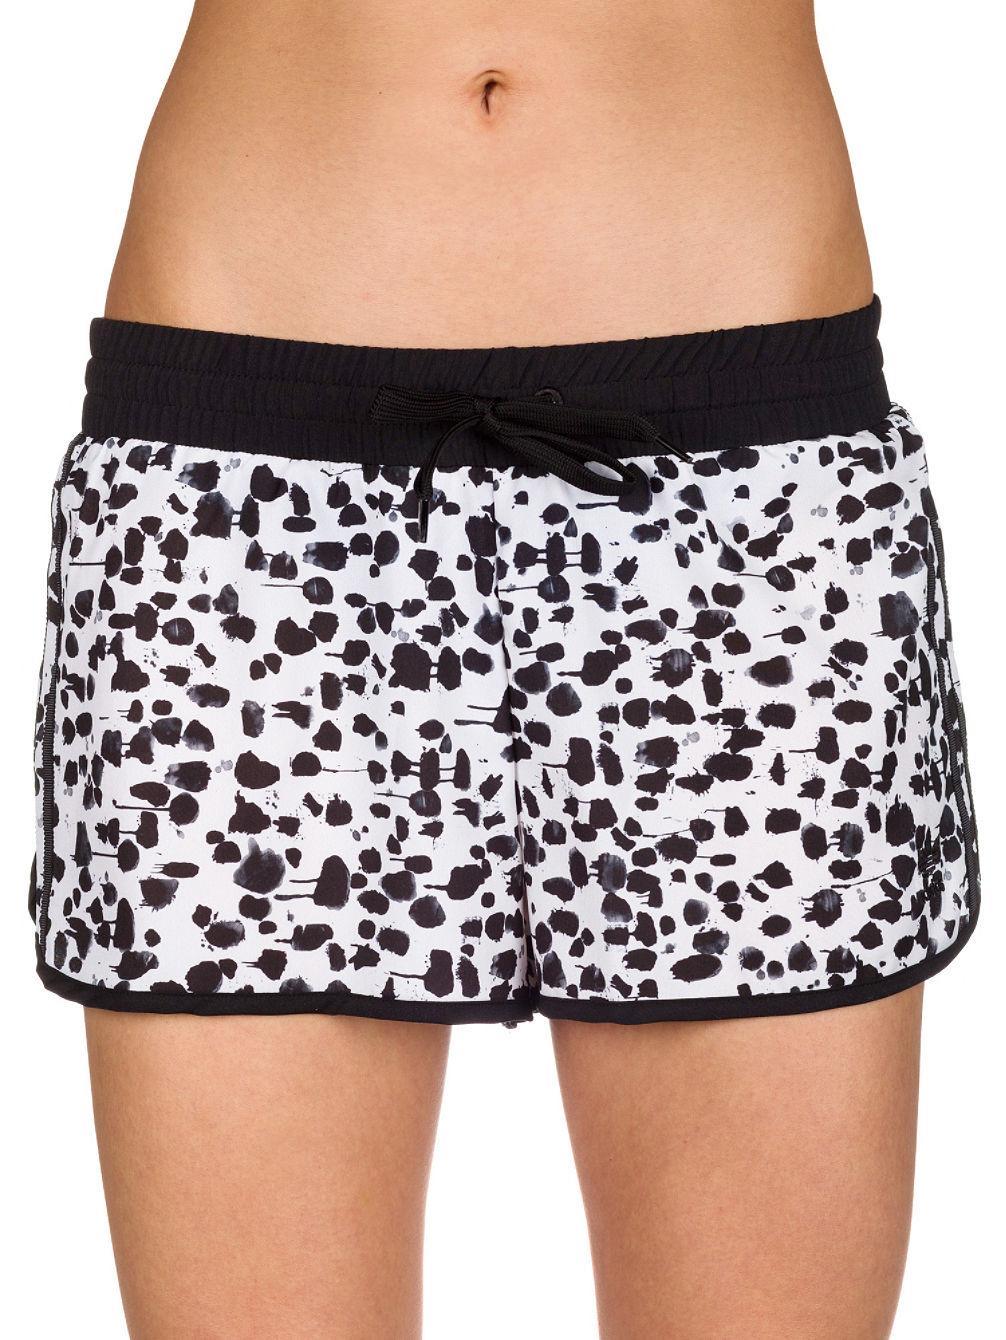 adidas-originals-inked-pack-shorts